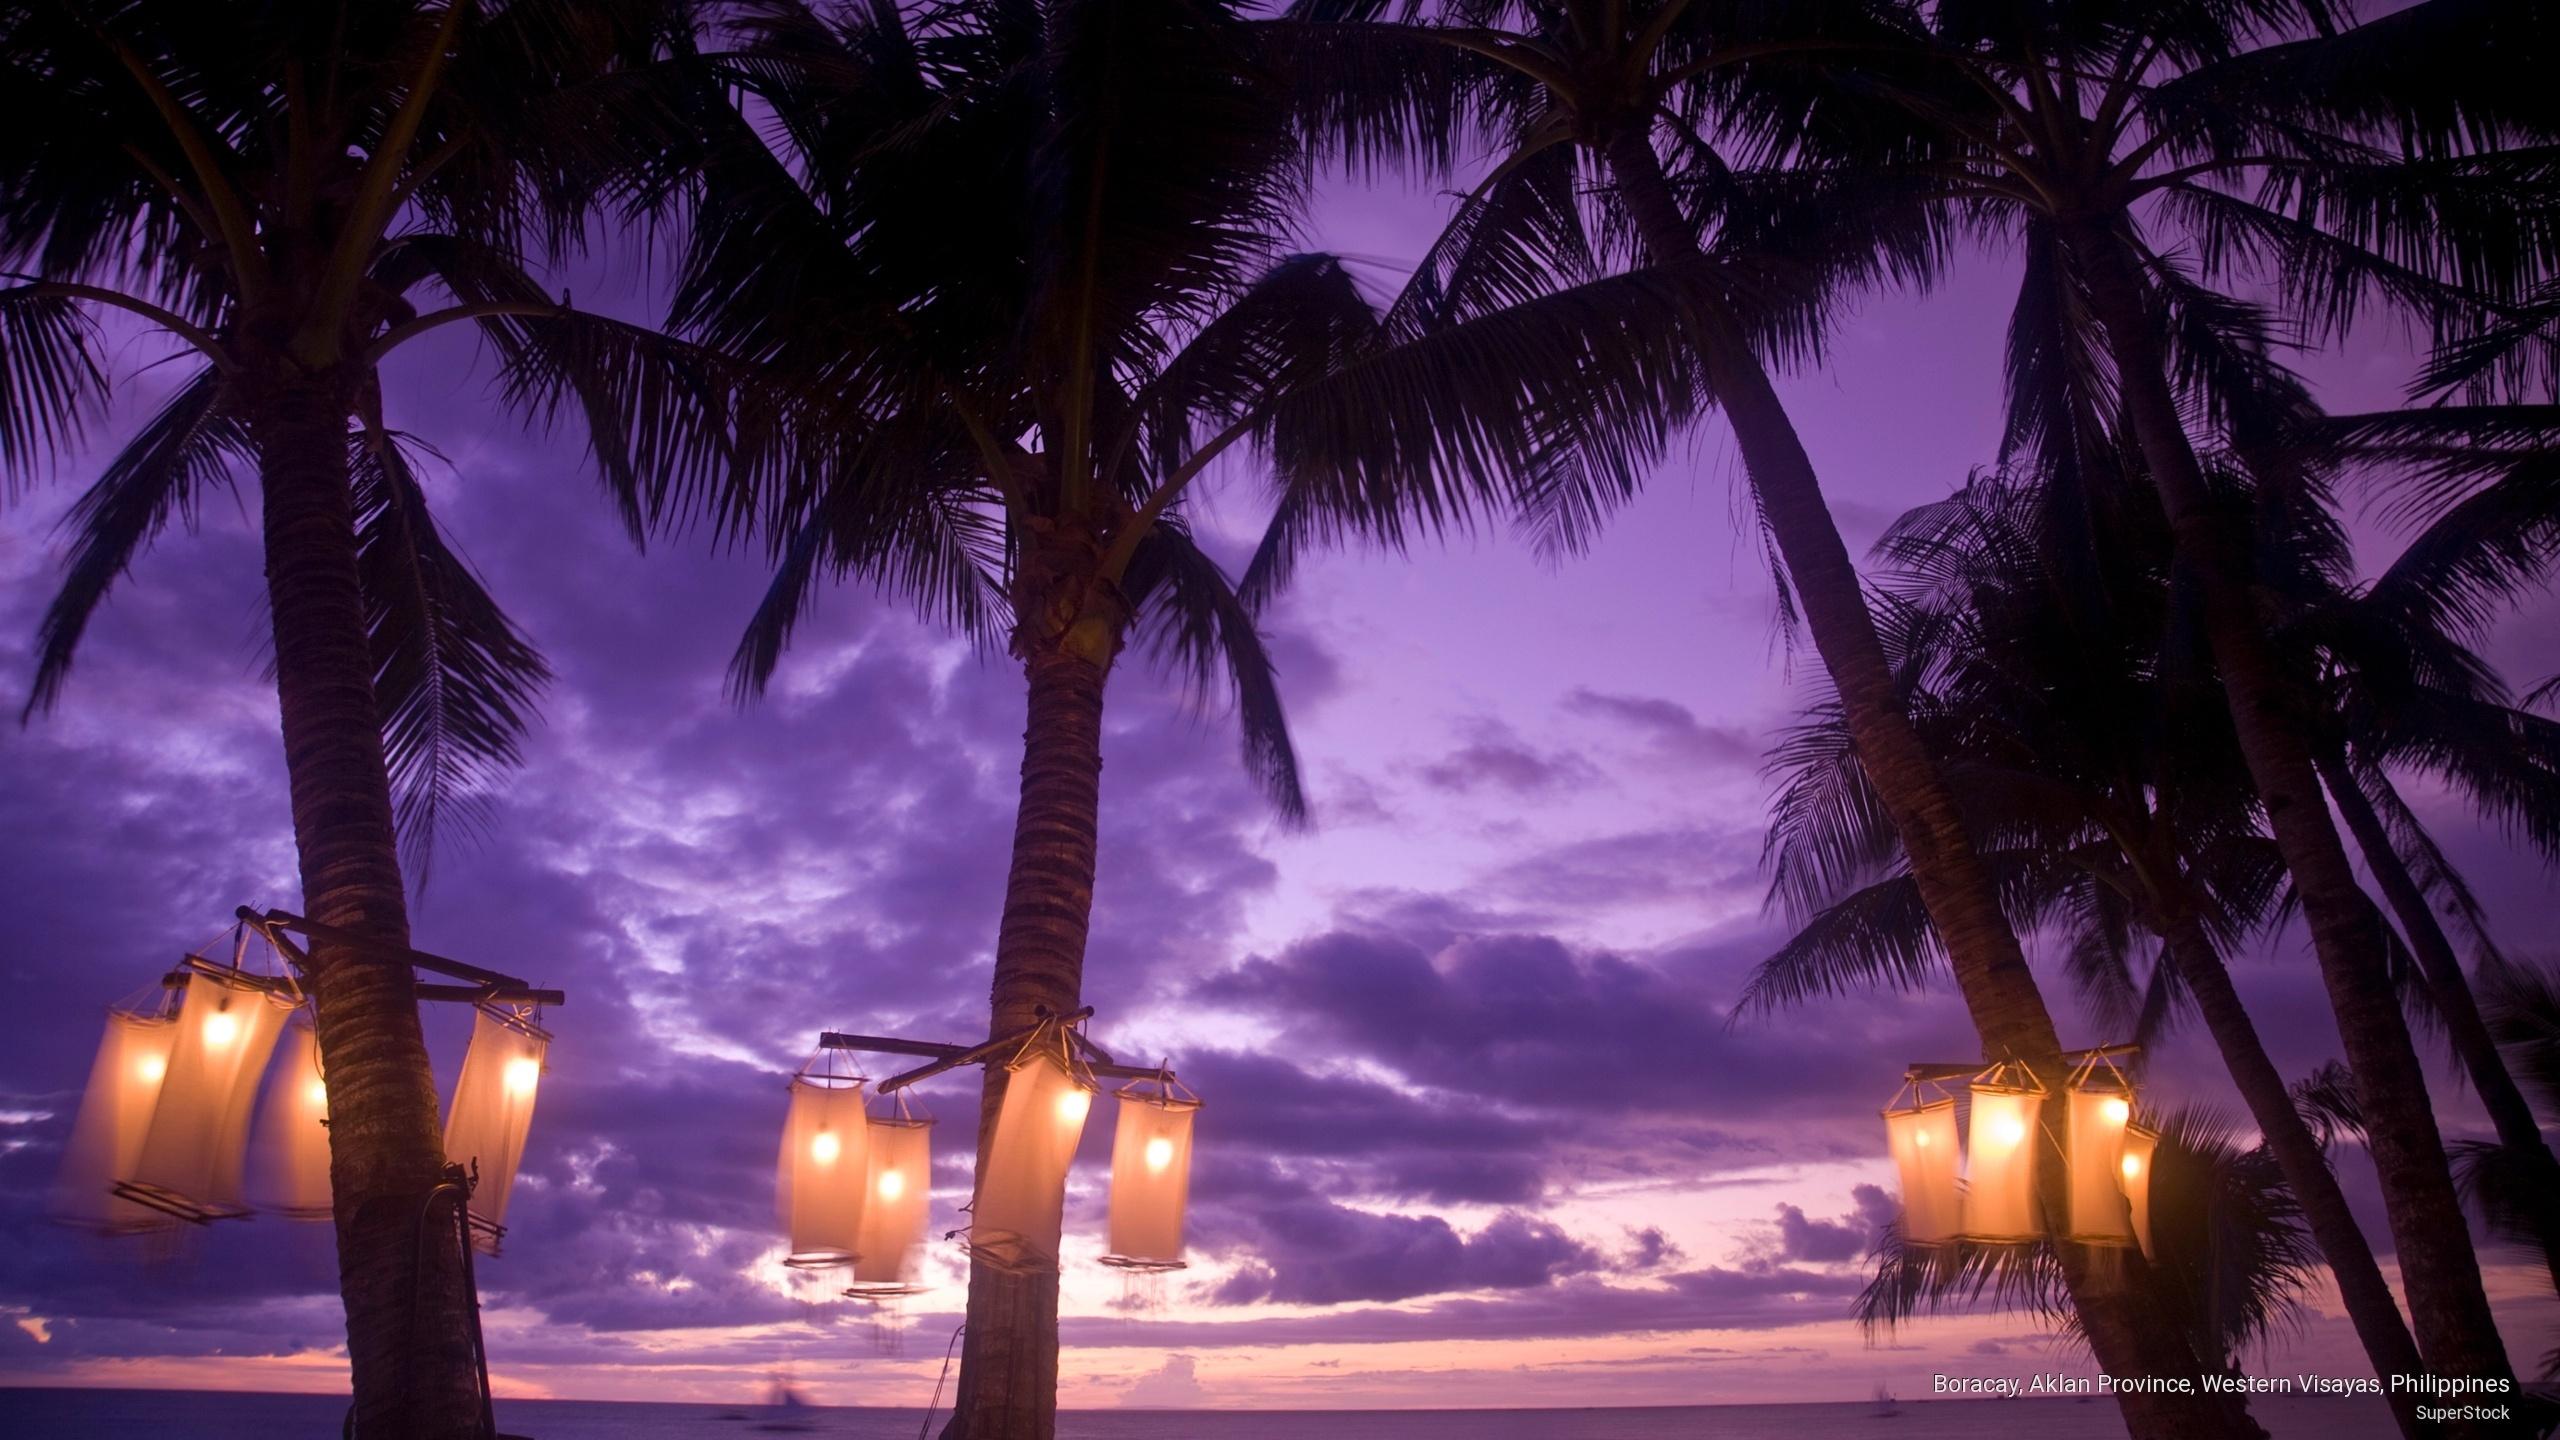 красивые картинки пляжа ночью можно различными видами